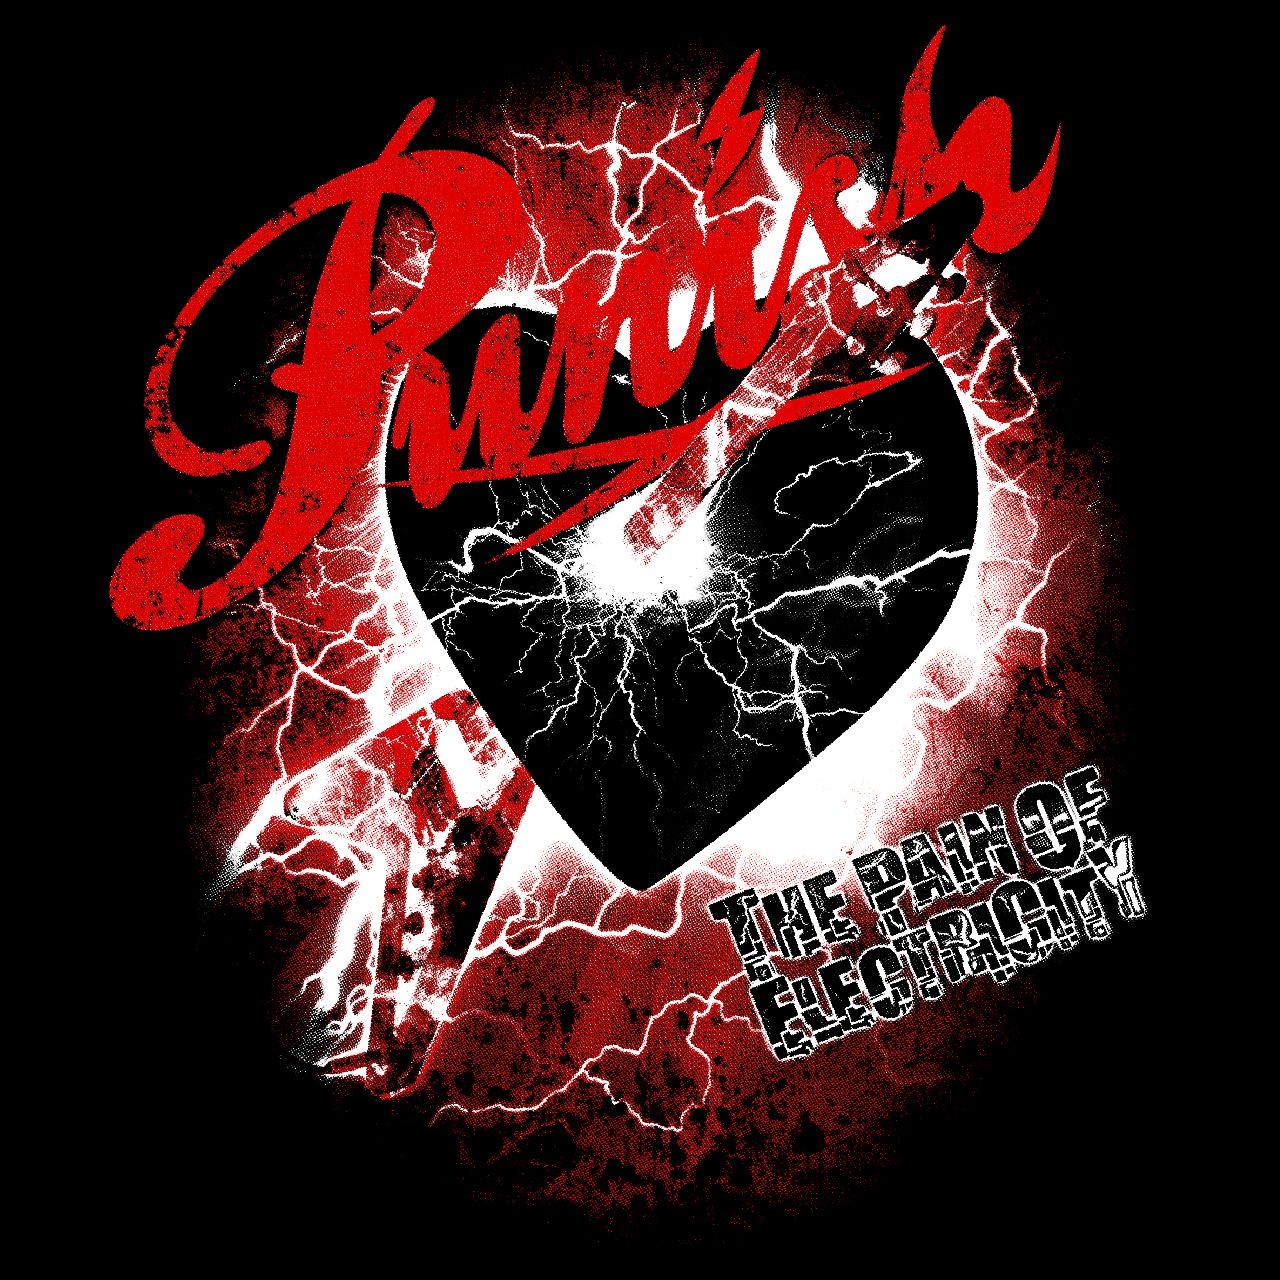 Tシャツ(メンズ完売)+ステッカーset:Punish - 画像2